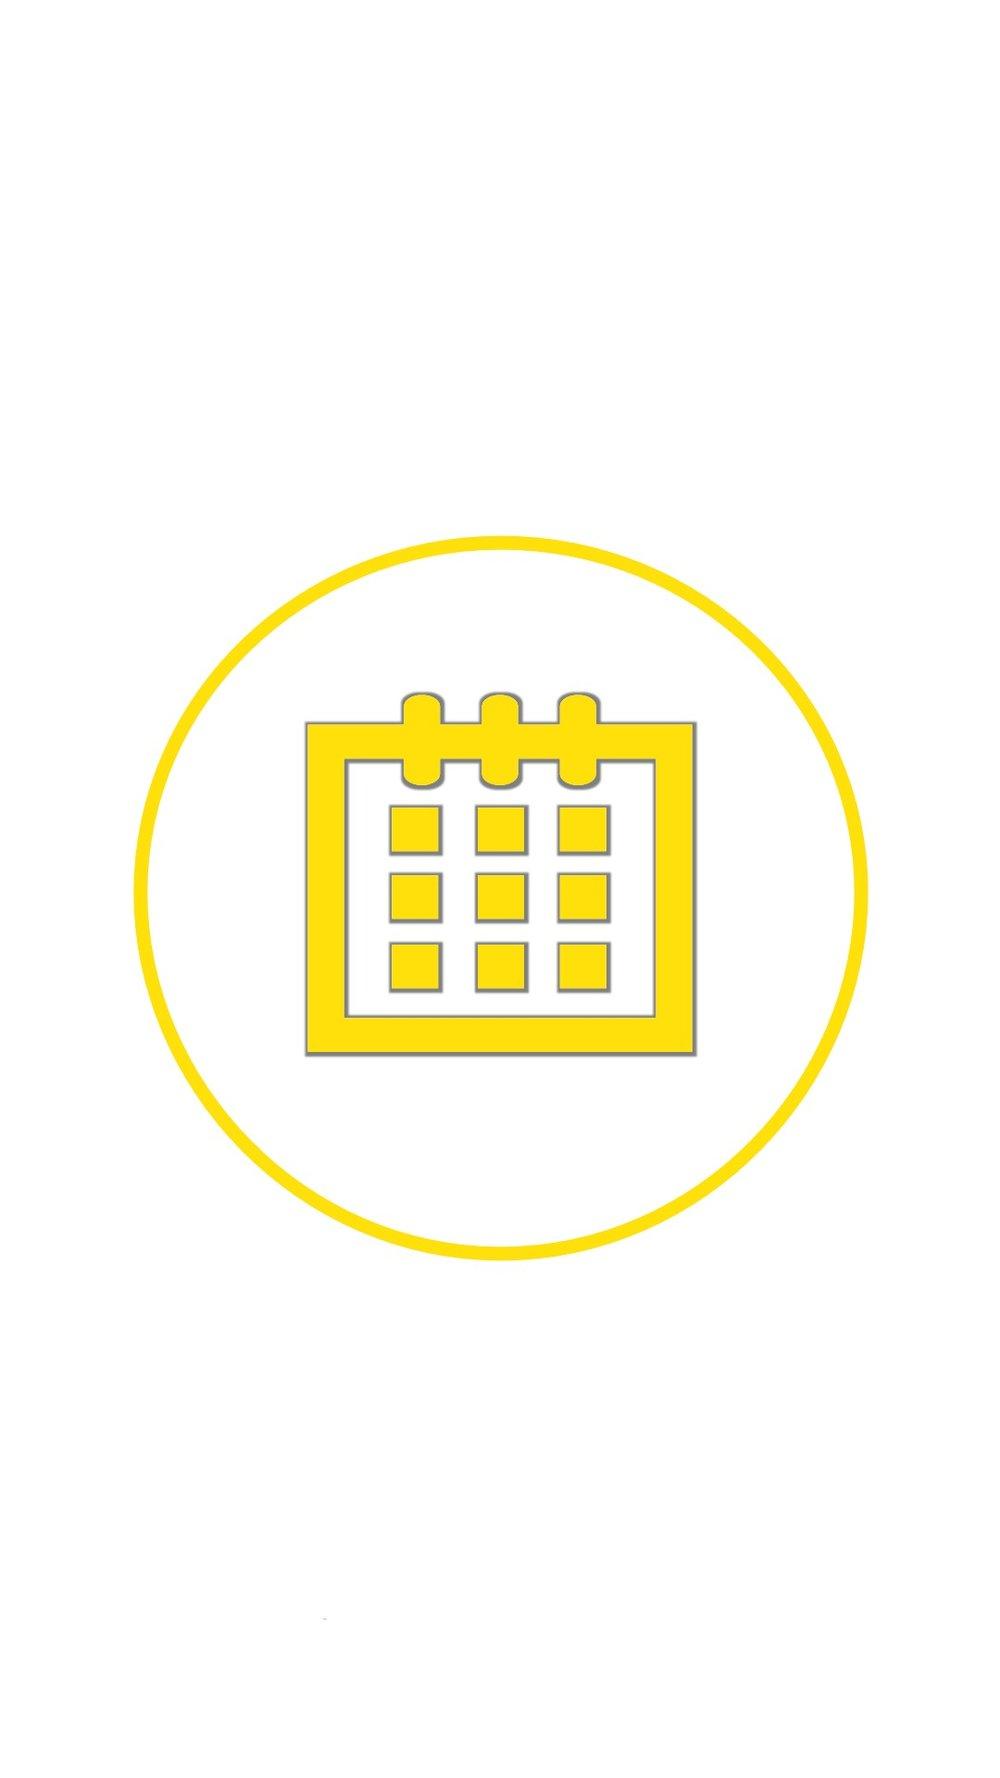 Instagram-cover-calendar-yellow-lotnotes.com.jpg